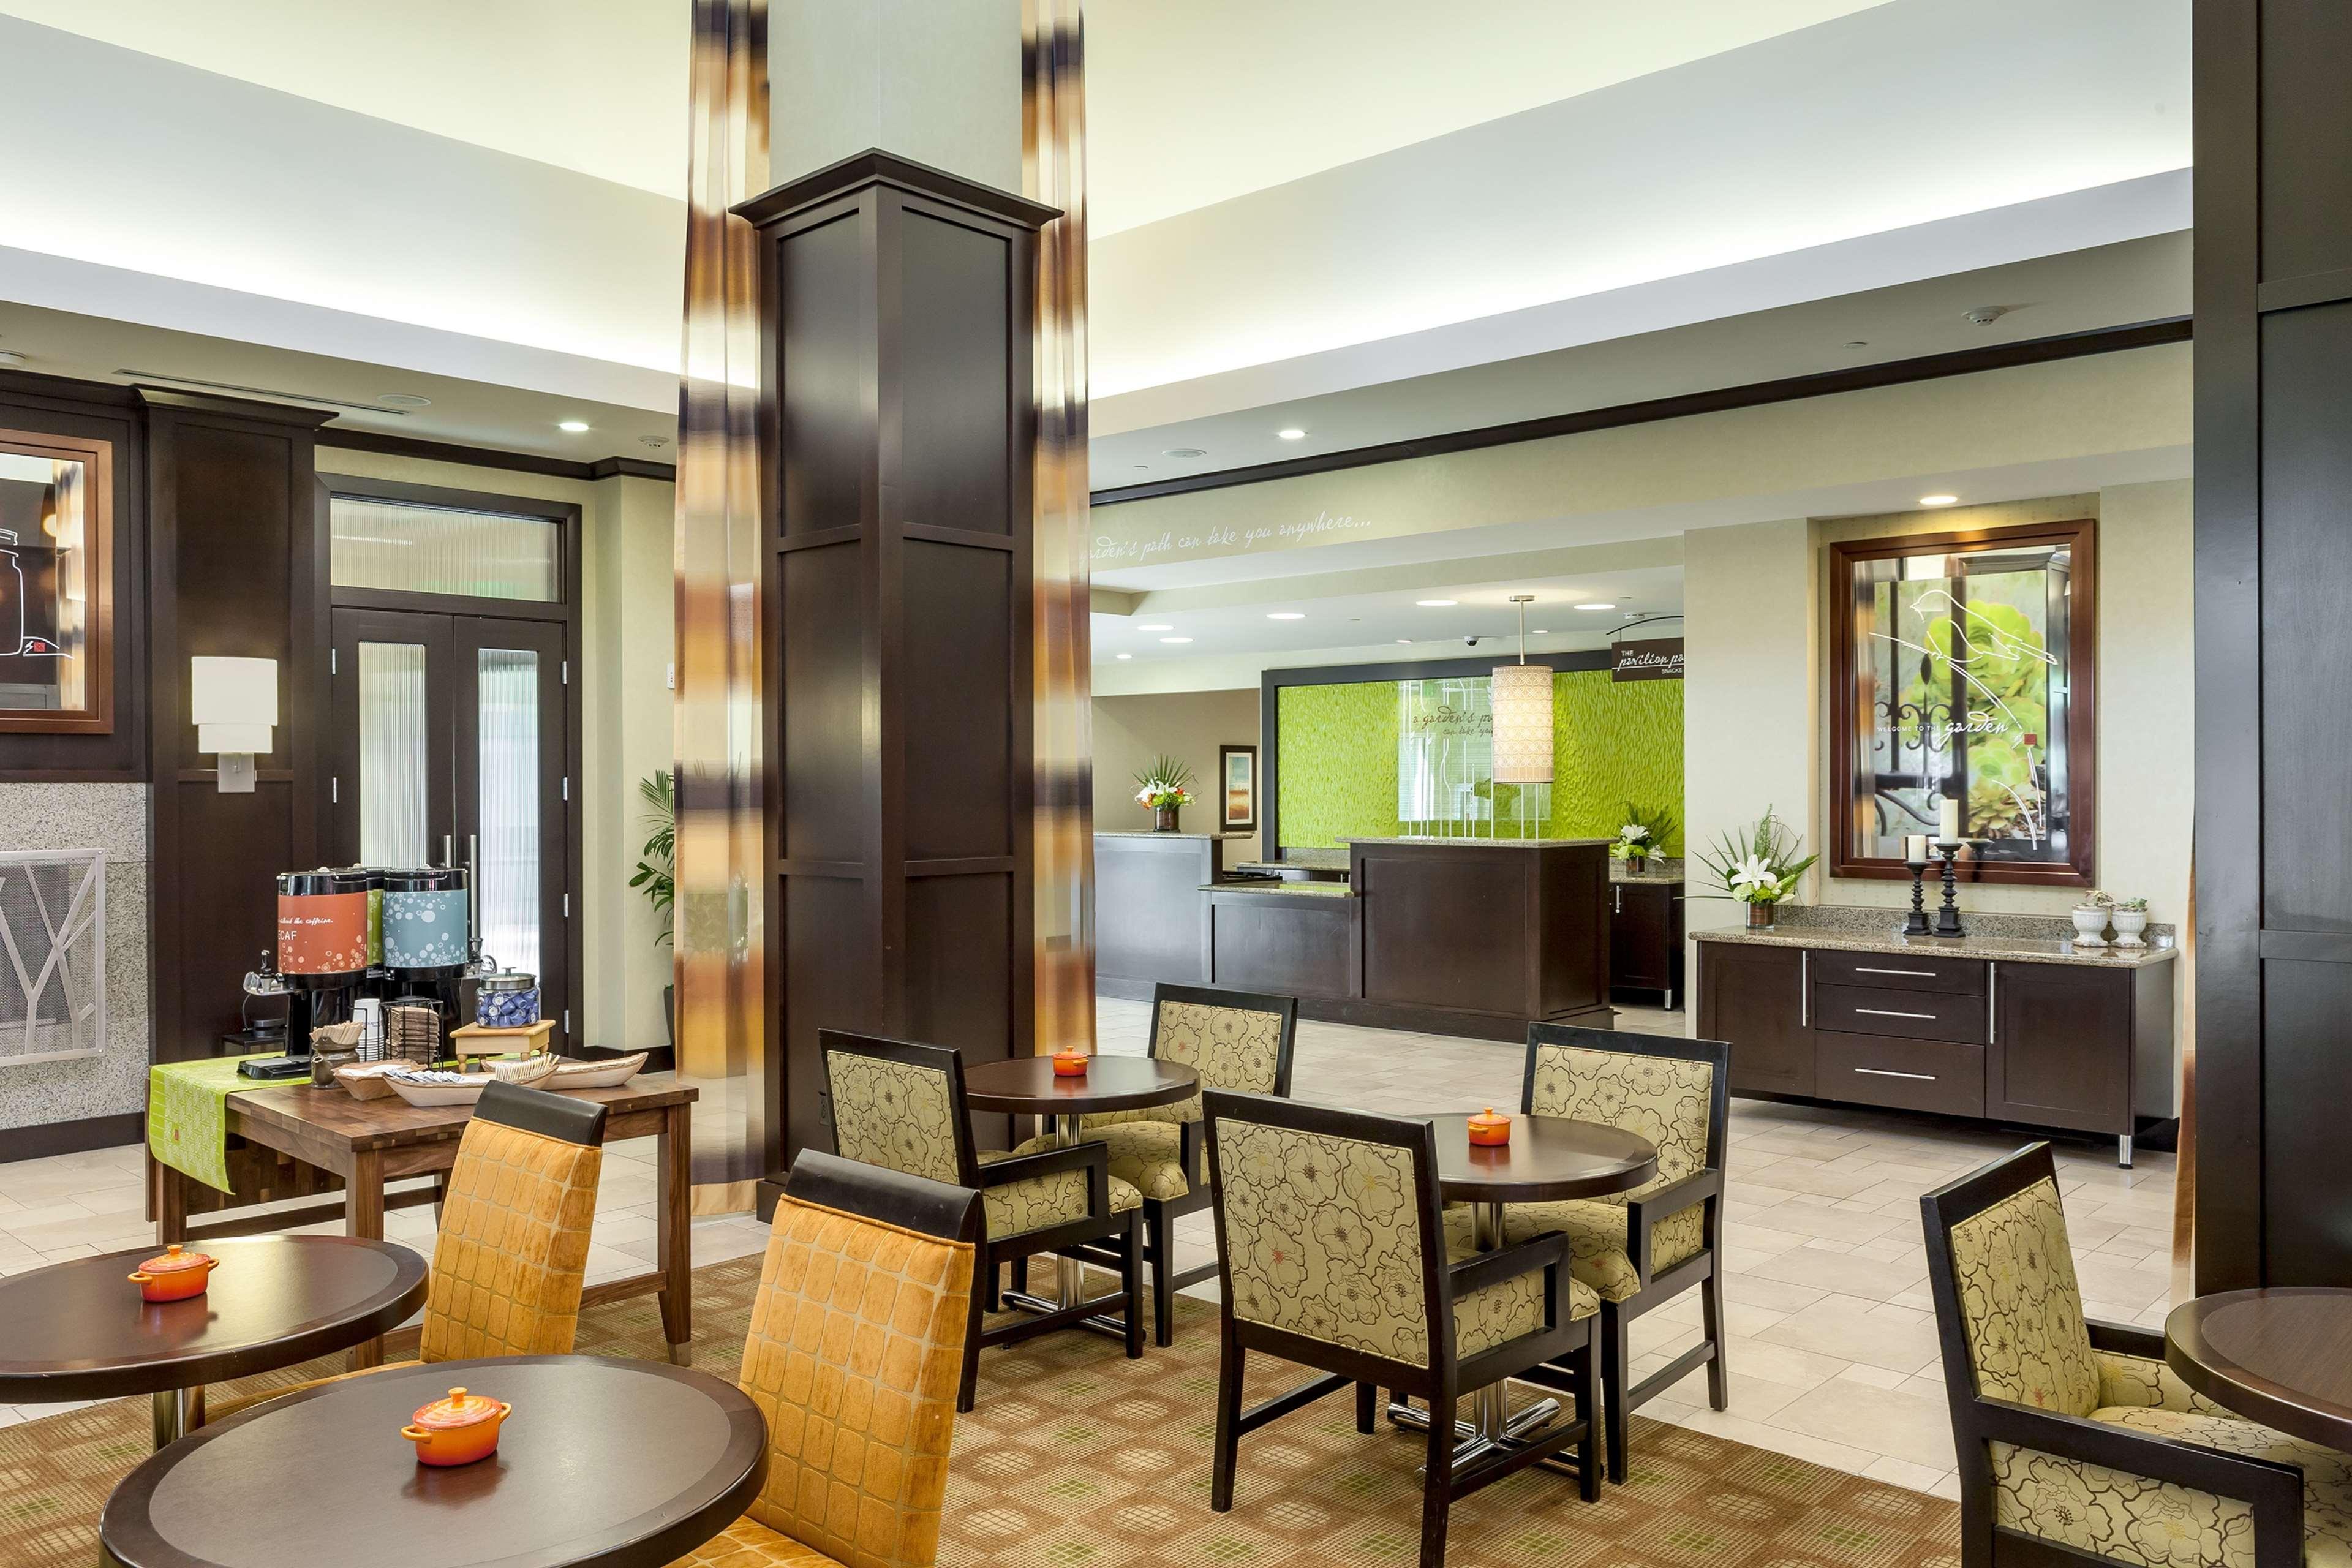 Hilton Garden Inn Seattle/Bothell, WA image 0